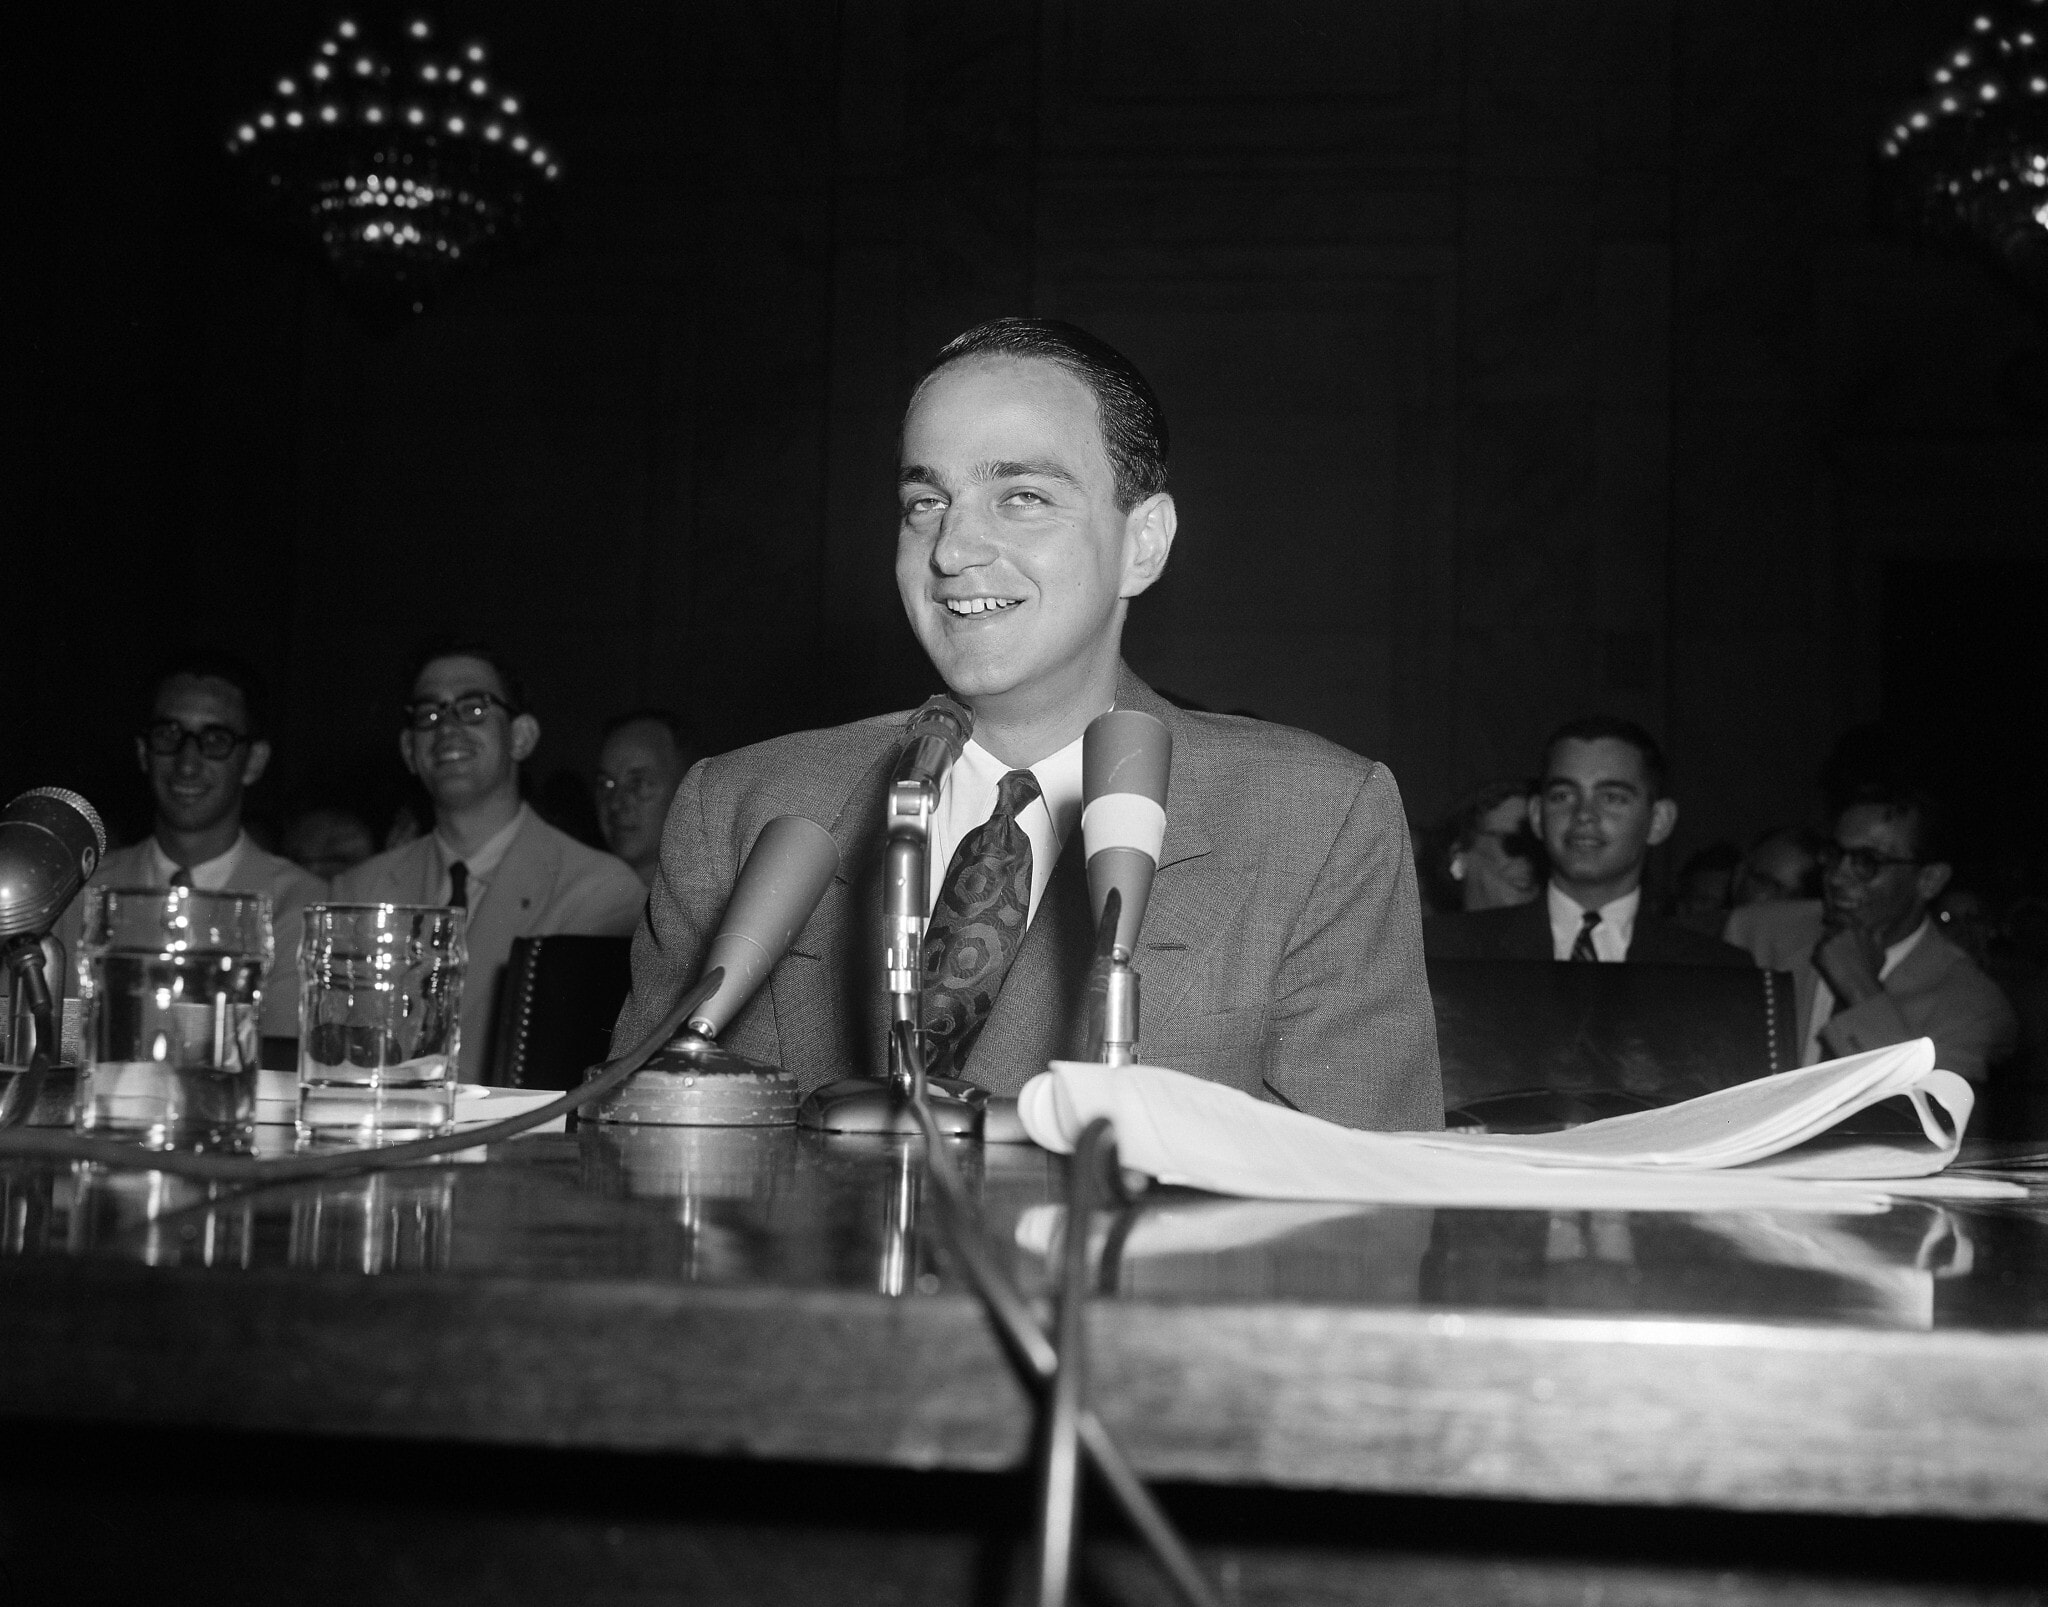 רוי כהן היה יועצו המשפטי של ג'וזף מקארתי בחקירות תת הוועדה שלו בסנאט. הוא מתועד פה צוחק בזמן שהוא נחקר בחקירה נגדית על ידי עורך הדין ג'וזף וולץ' בזמן ששימש כעד בשימוע בסנאט, 3 ביוני 1954 (צילום: Henry Griffin, AP)